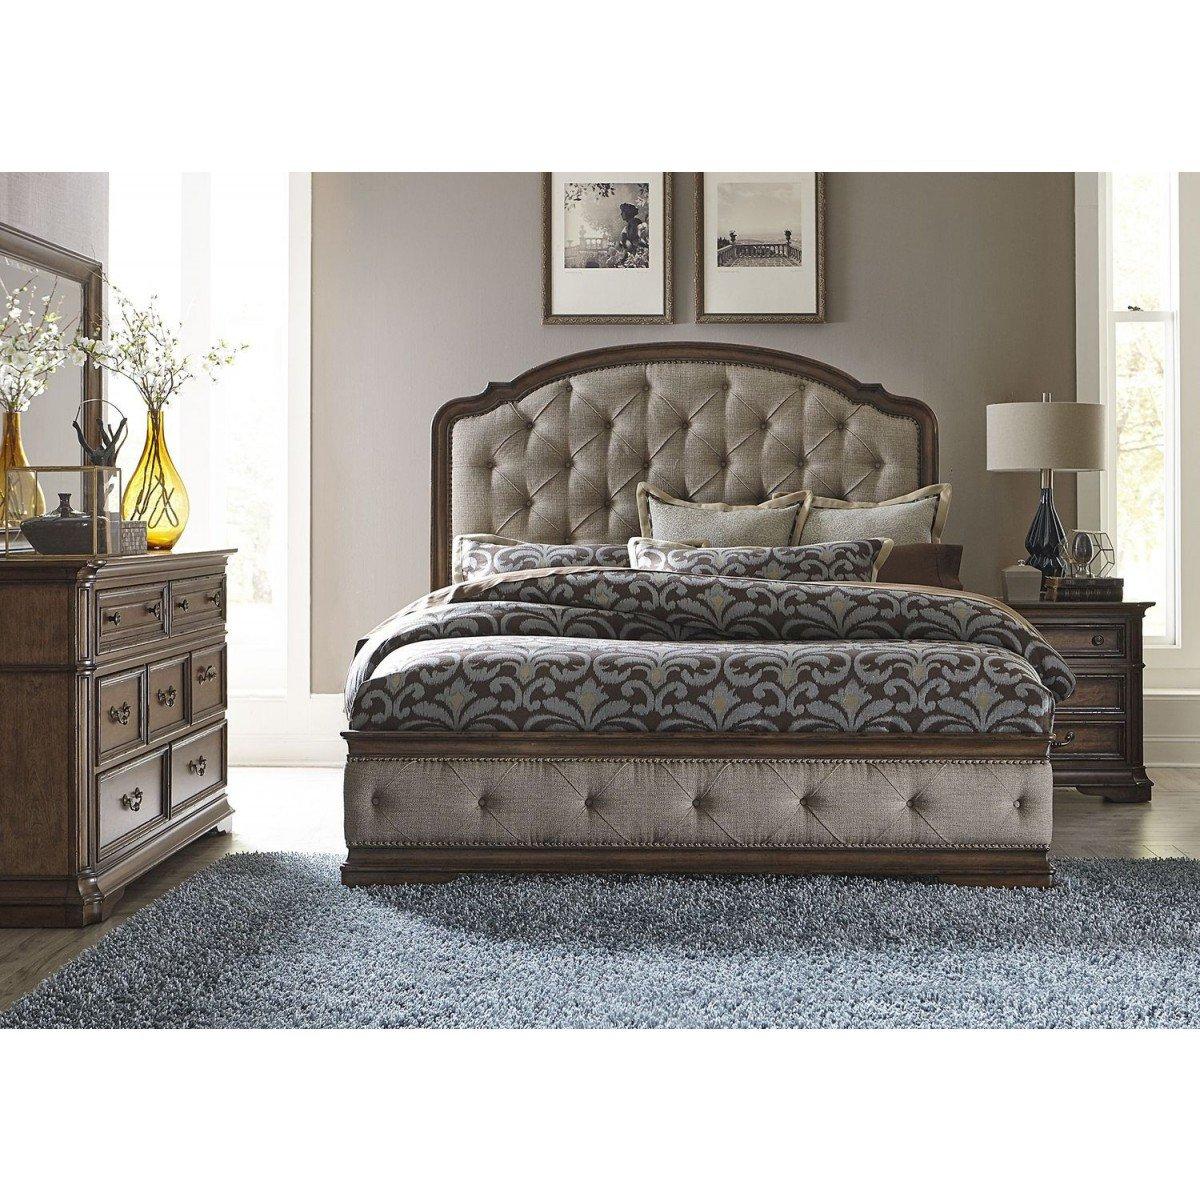 Mirrored Queen Bedroom Set Fresh Liberty Furniture Amelia Queen Upholstered Bedroom Set 487 Br Qub